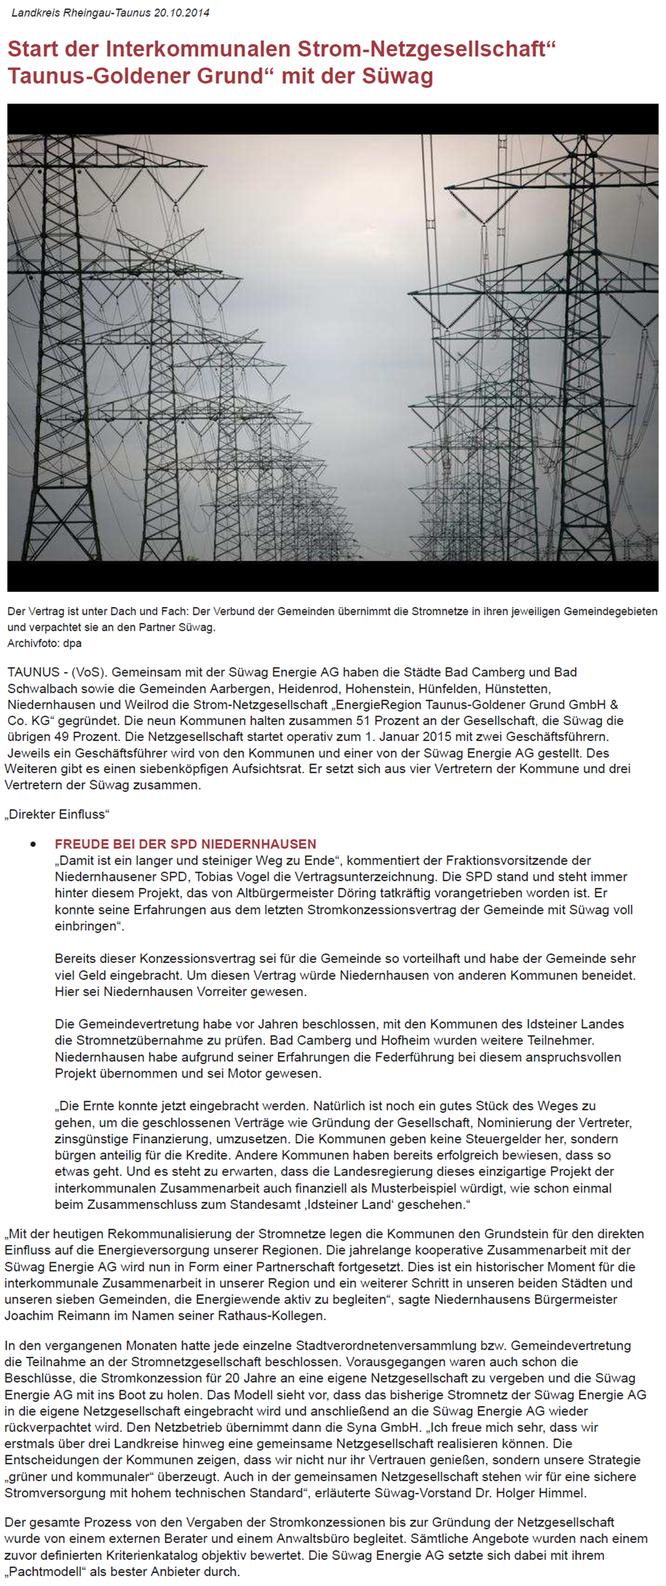 Start der Interkommunalen Strom-Netzgesellschaft Taunus-Goldener-Grund